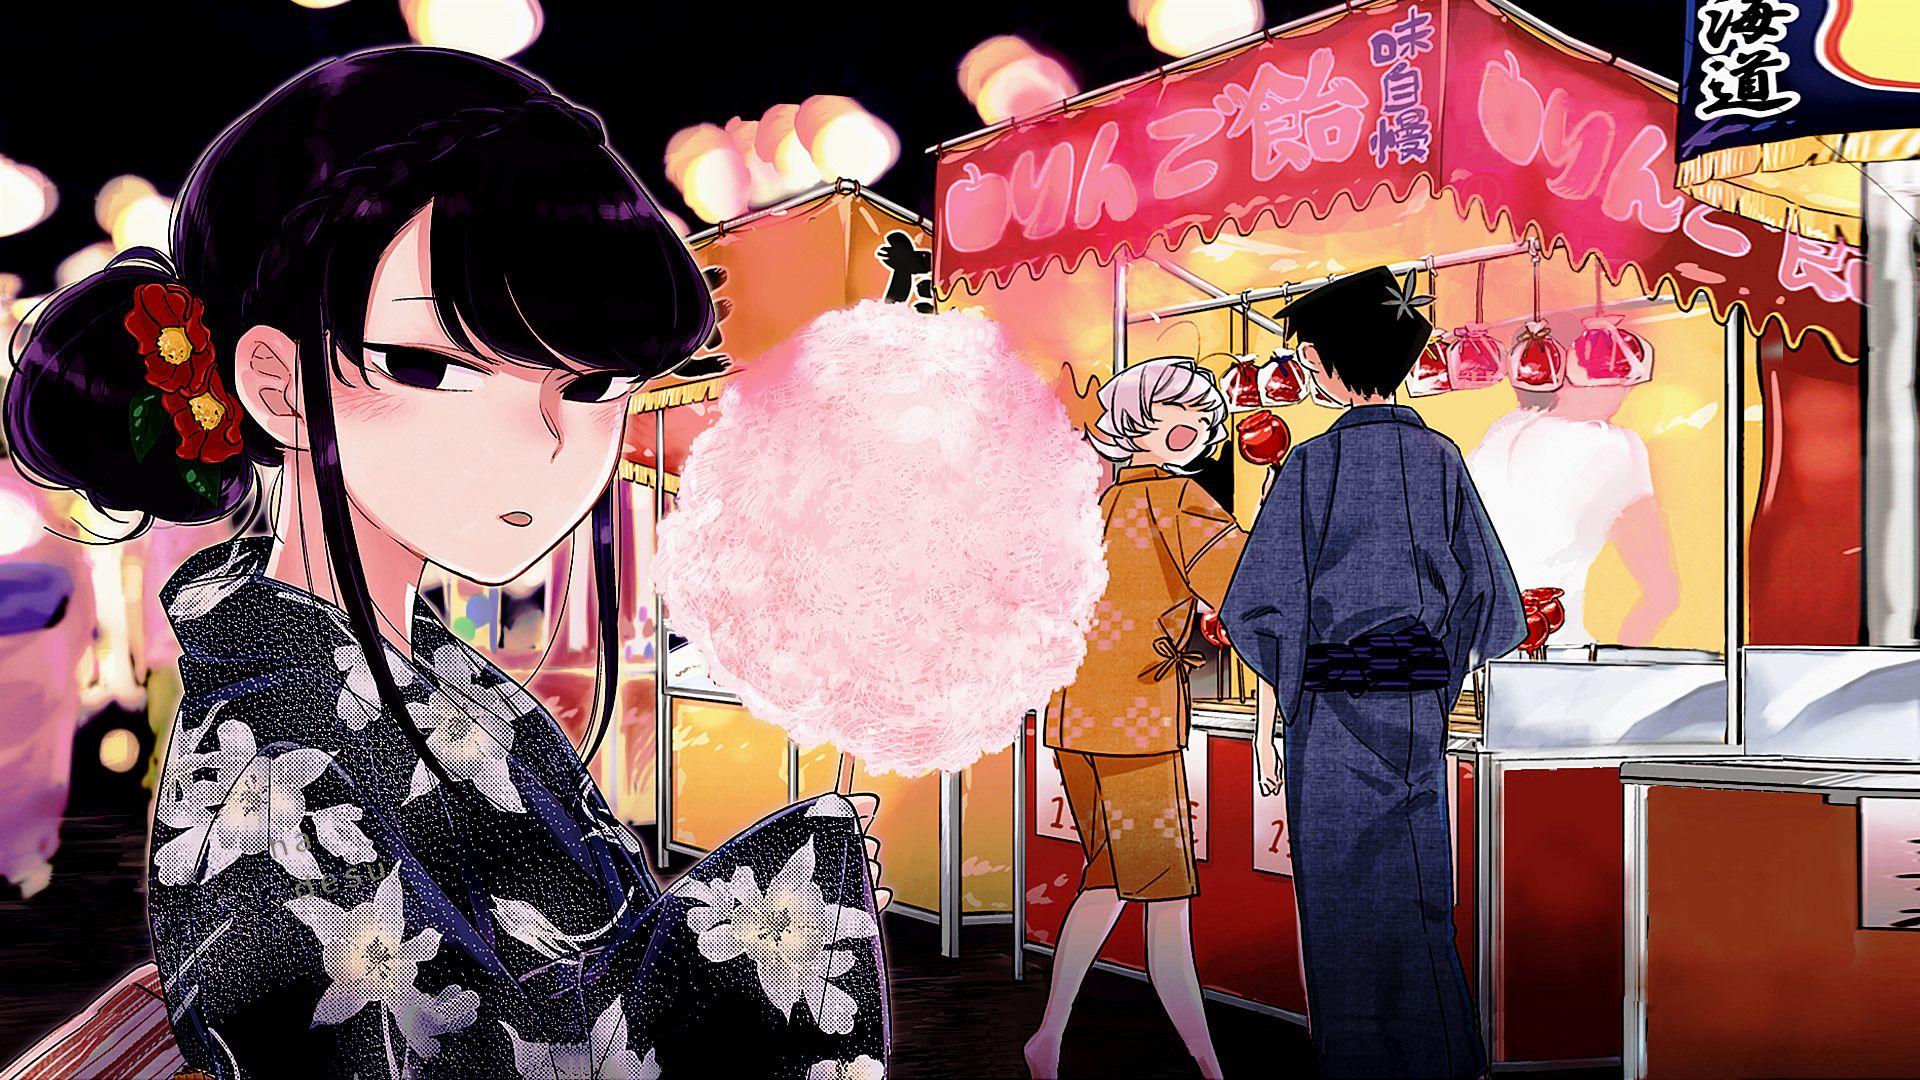 I 10 Manga di cui i Giapponesi Vorrebbero un Adattamento Animato - Alleanza  degli Anime